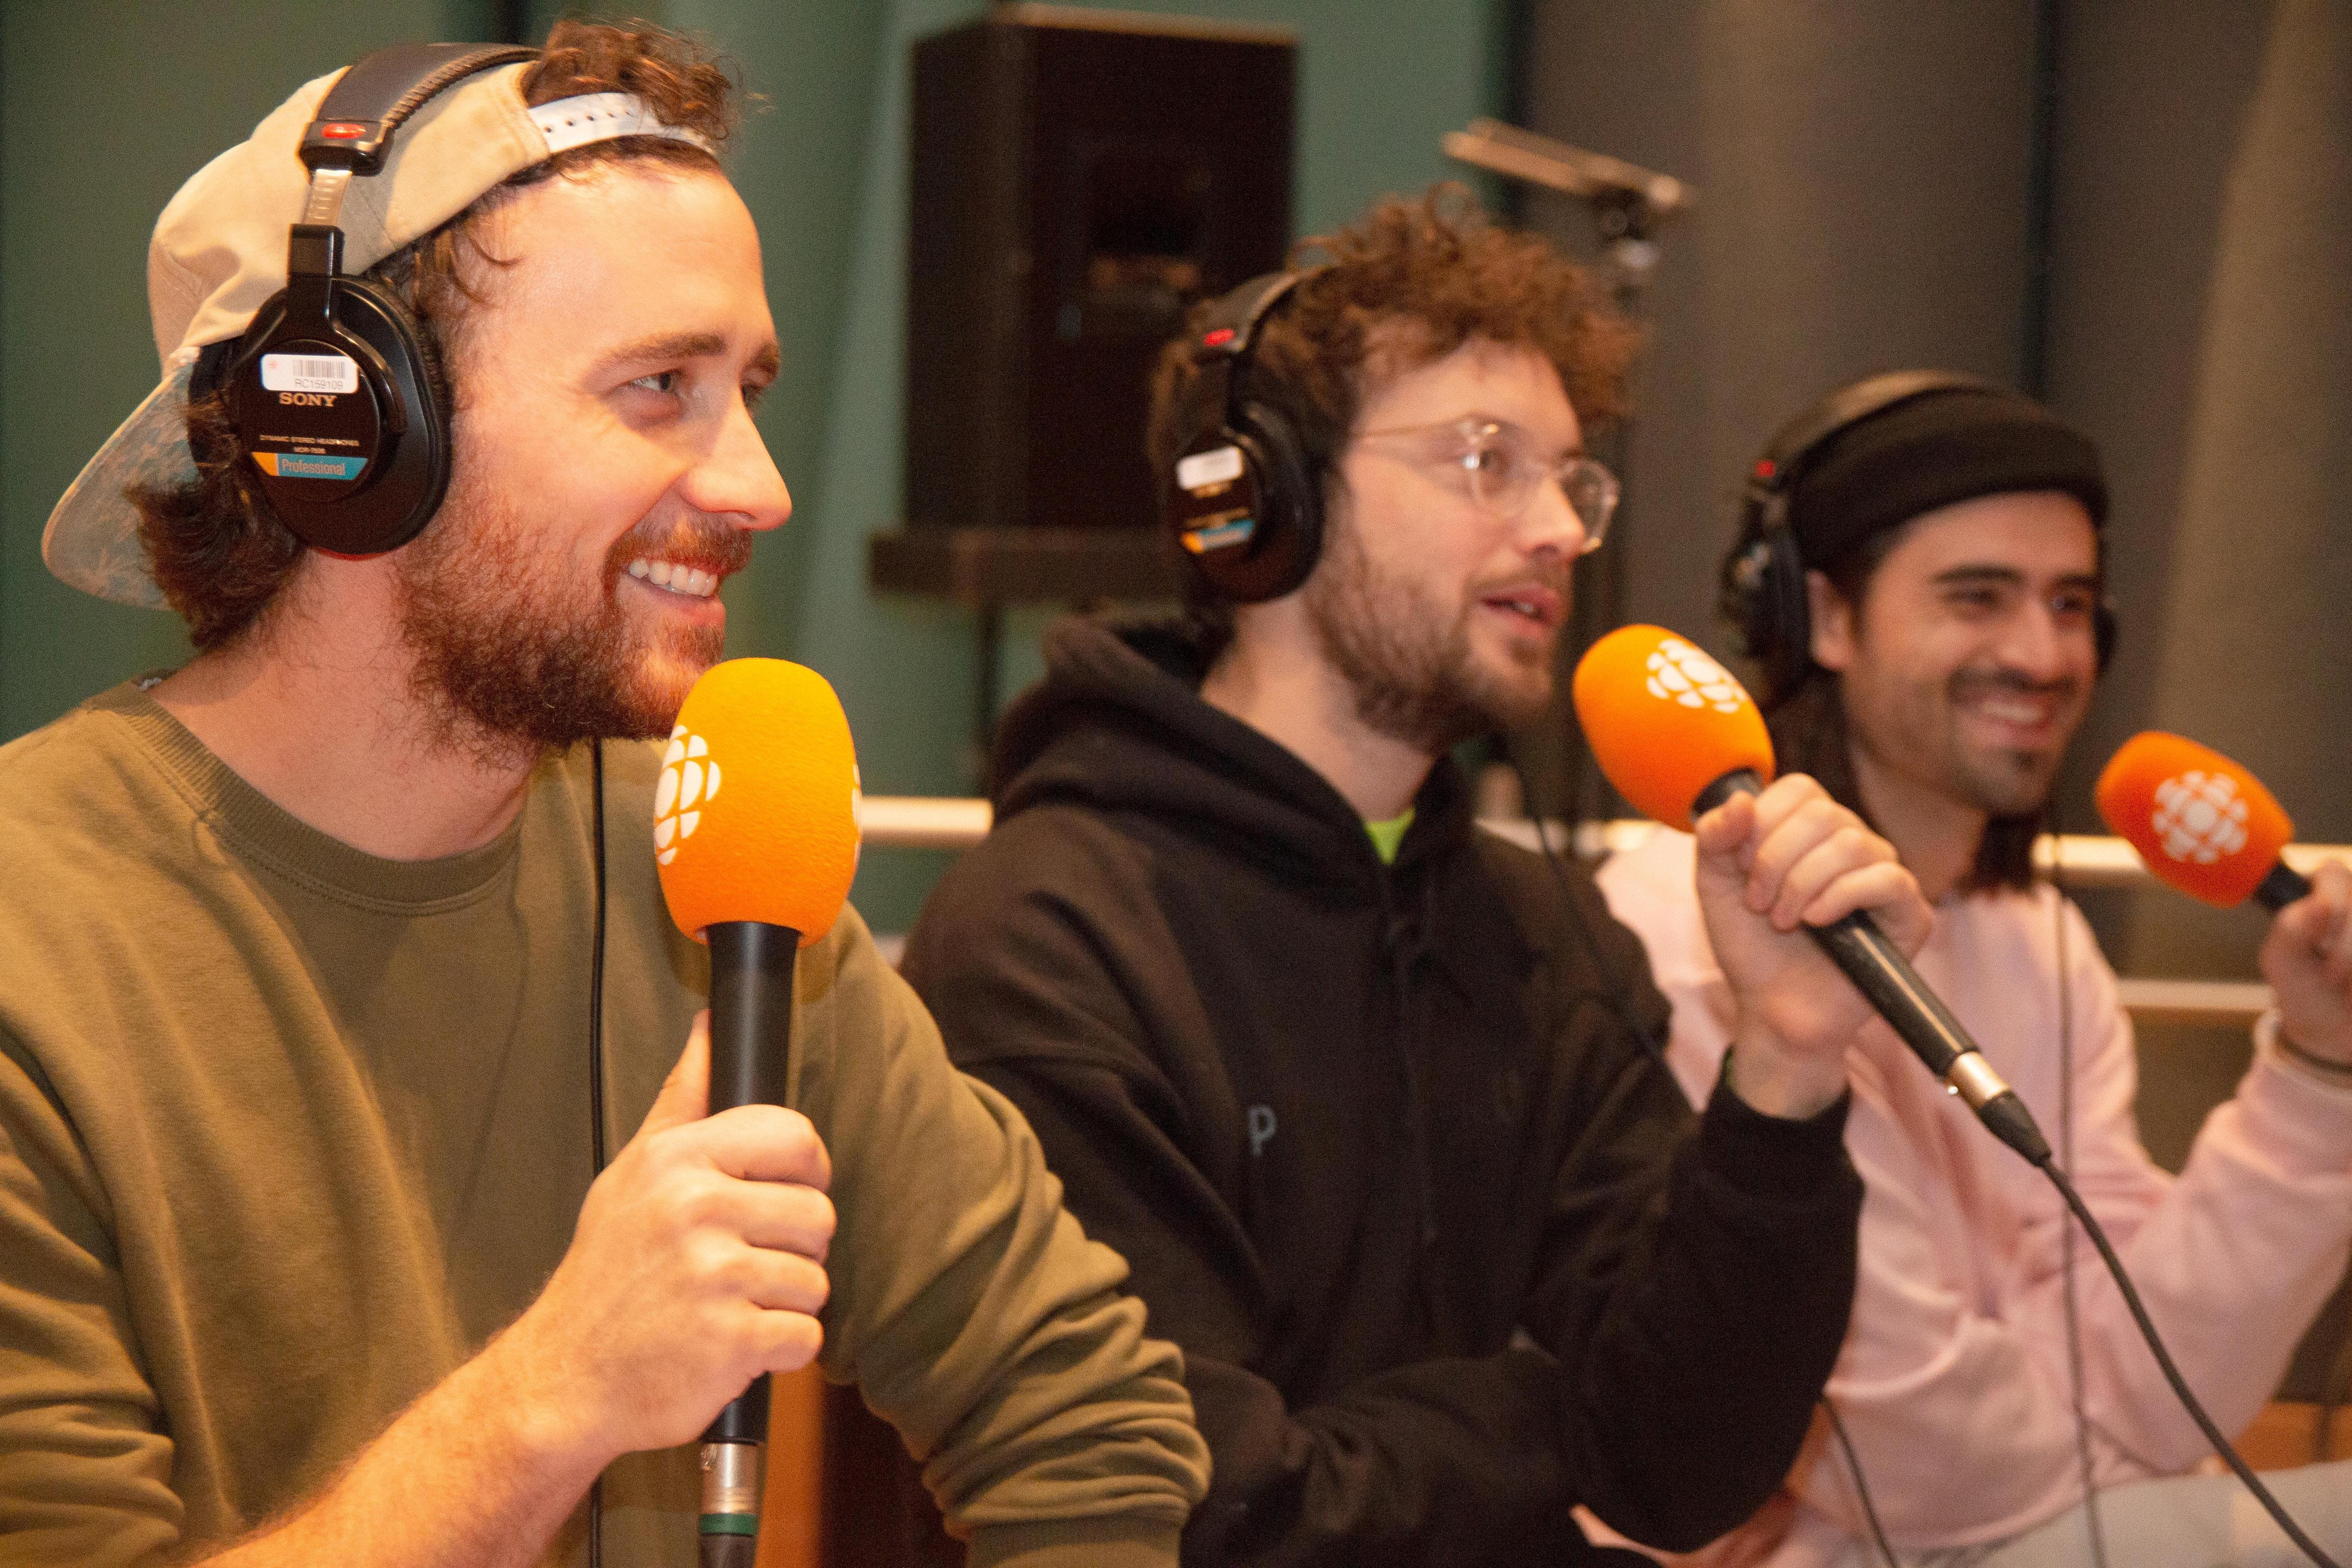 Trois hommes alignés tiennent chacun un micro dans leur main.